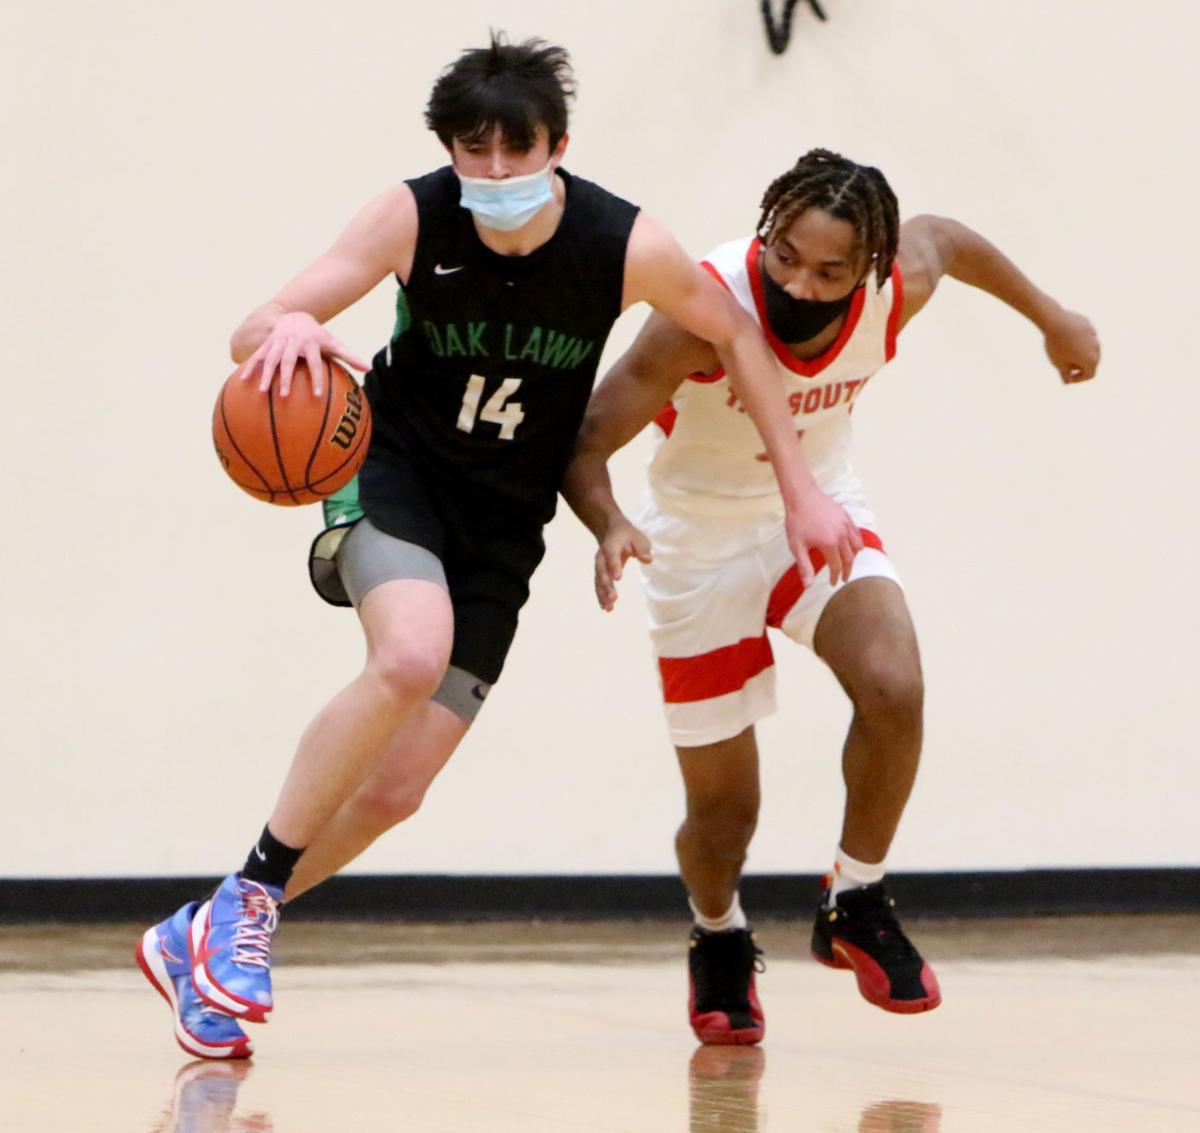 Oak Lawn/TF South, Boy's Basketball